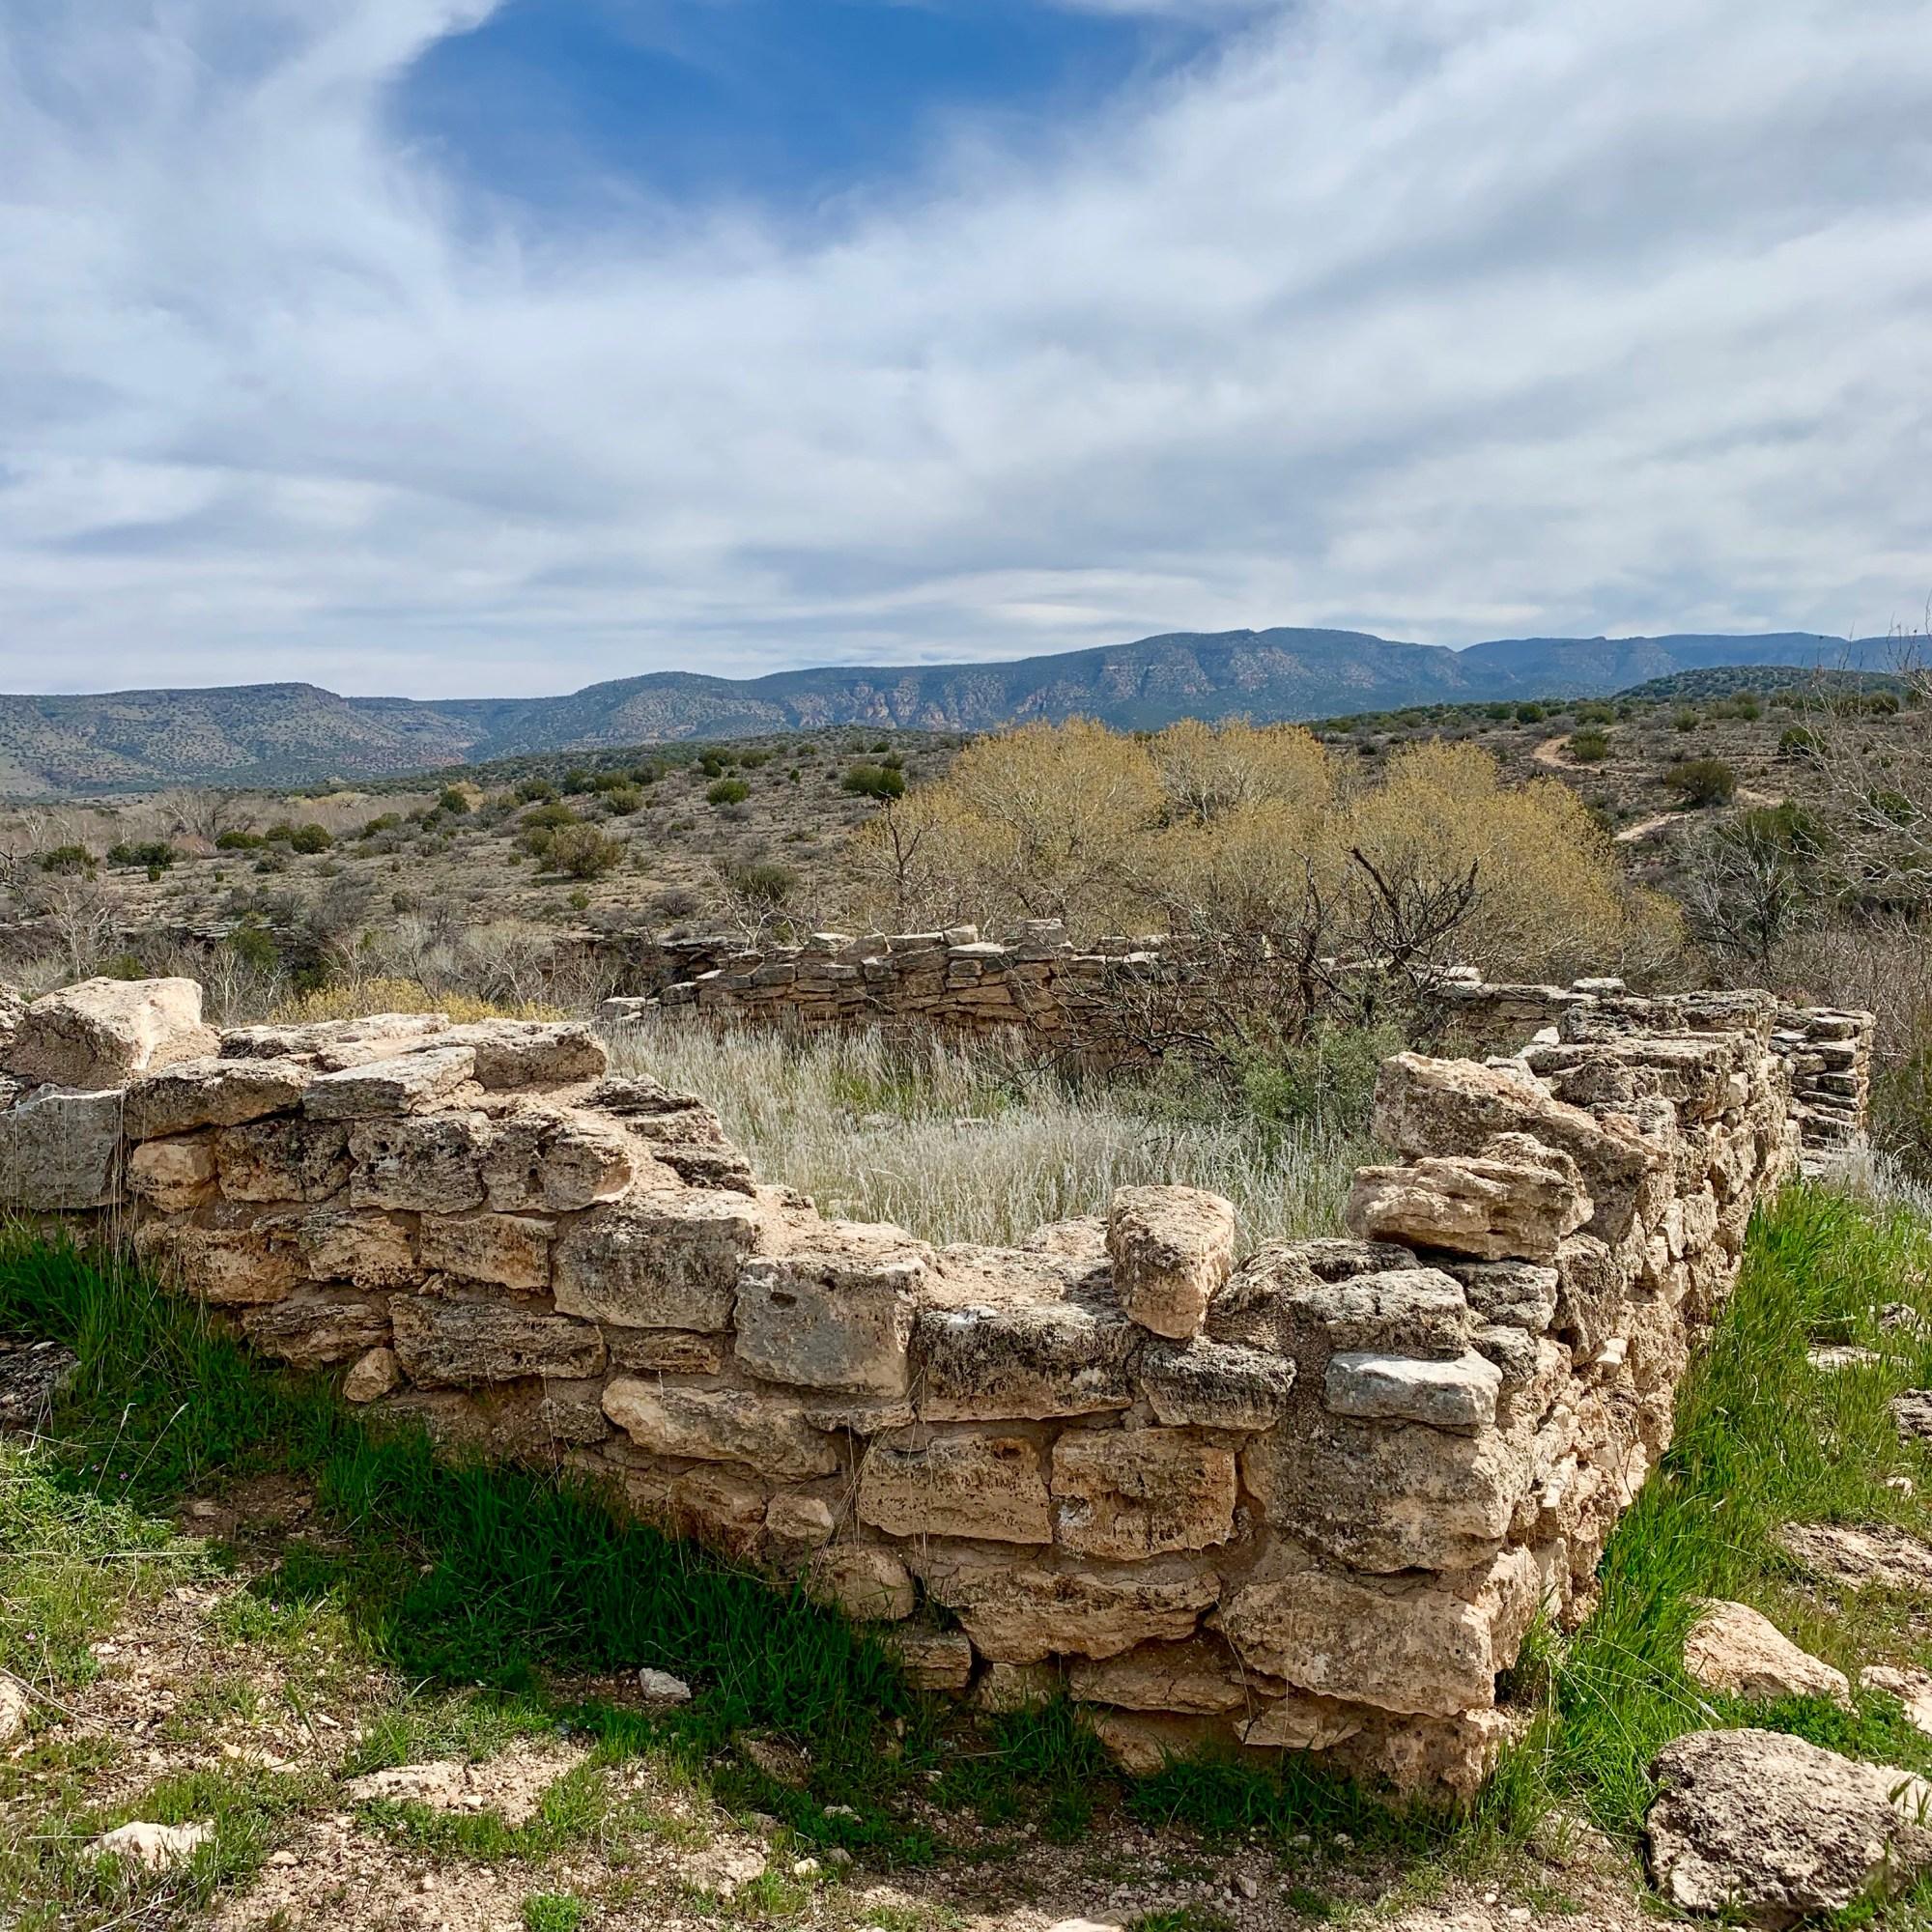 Montezuma Well Ruins